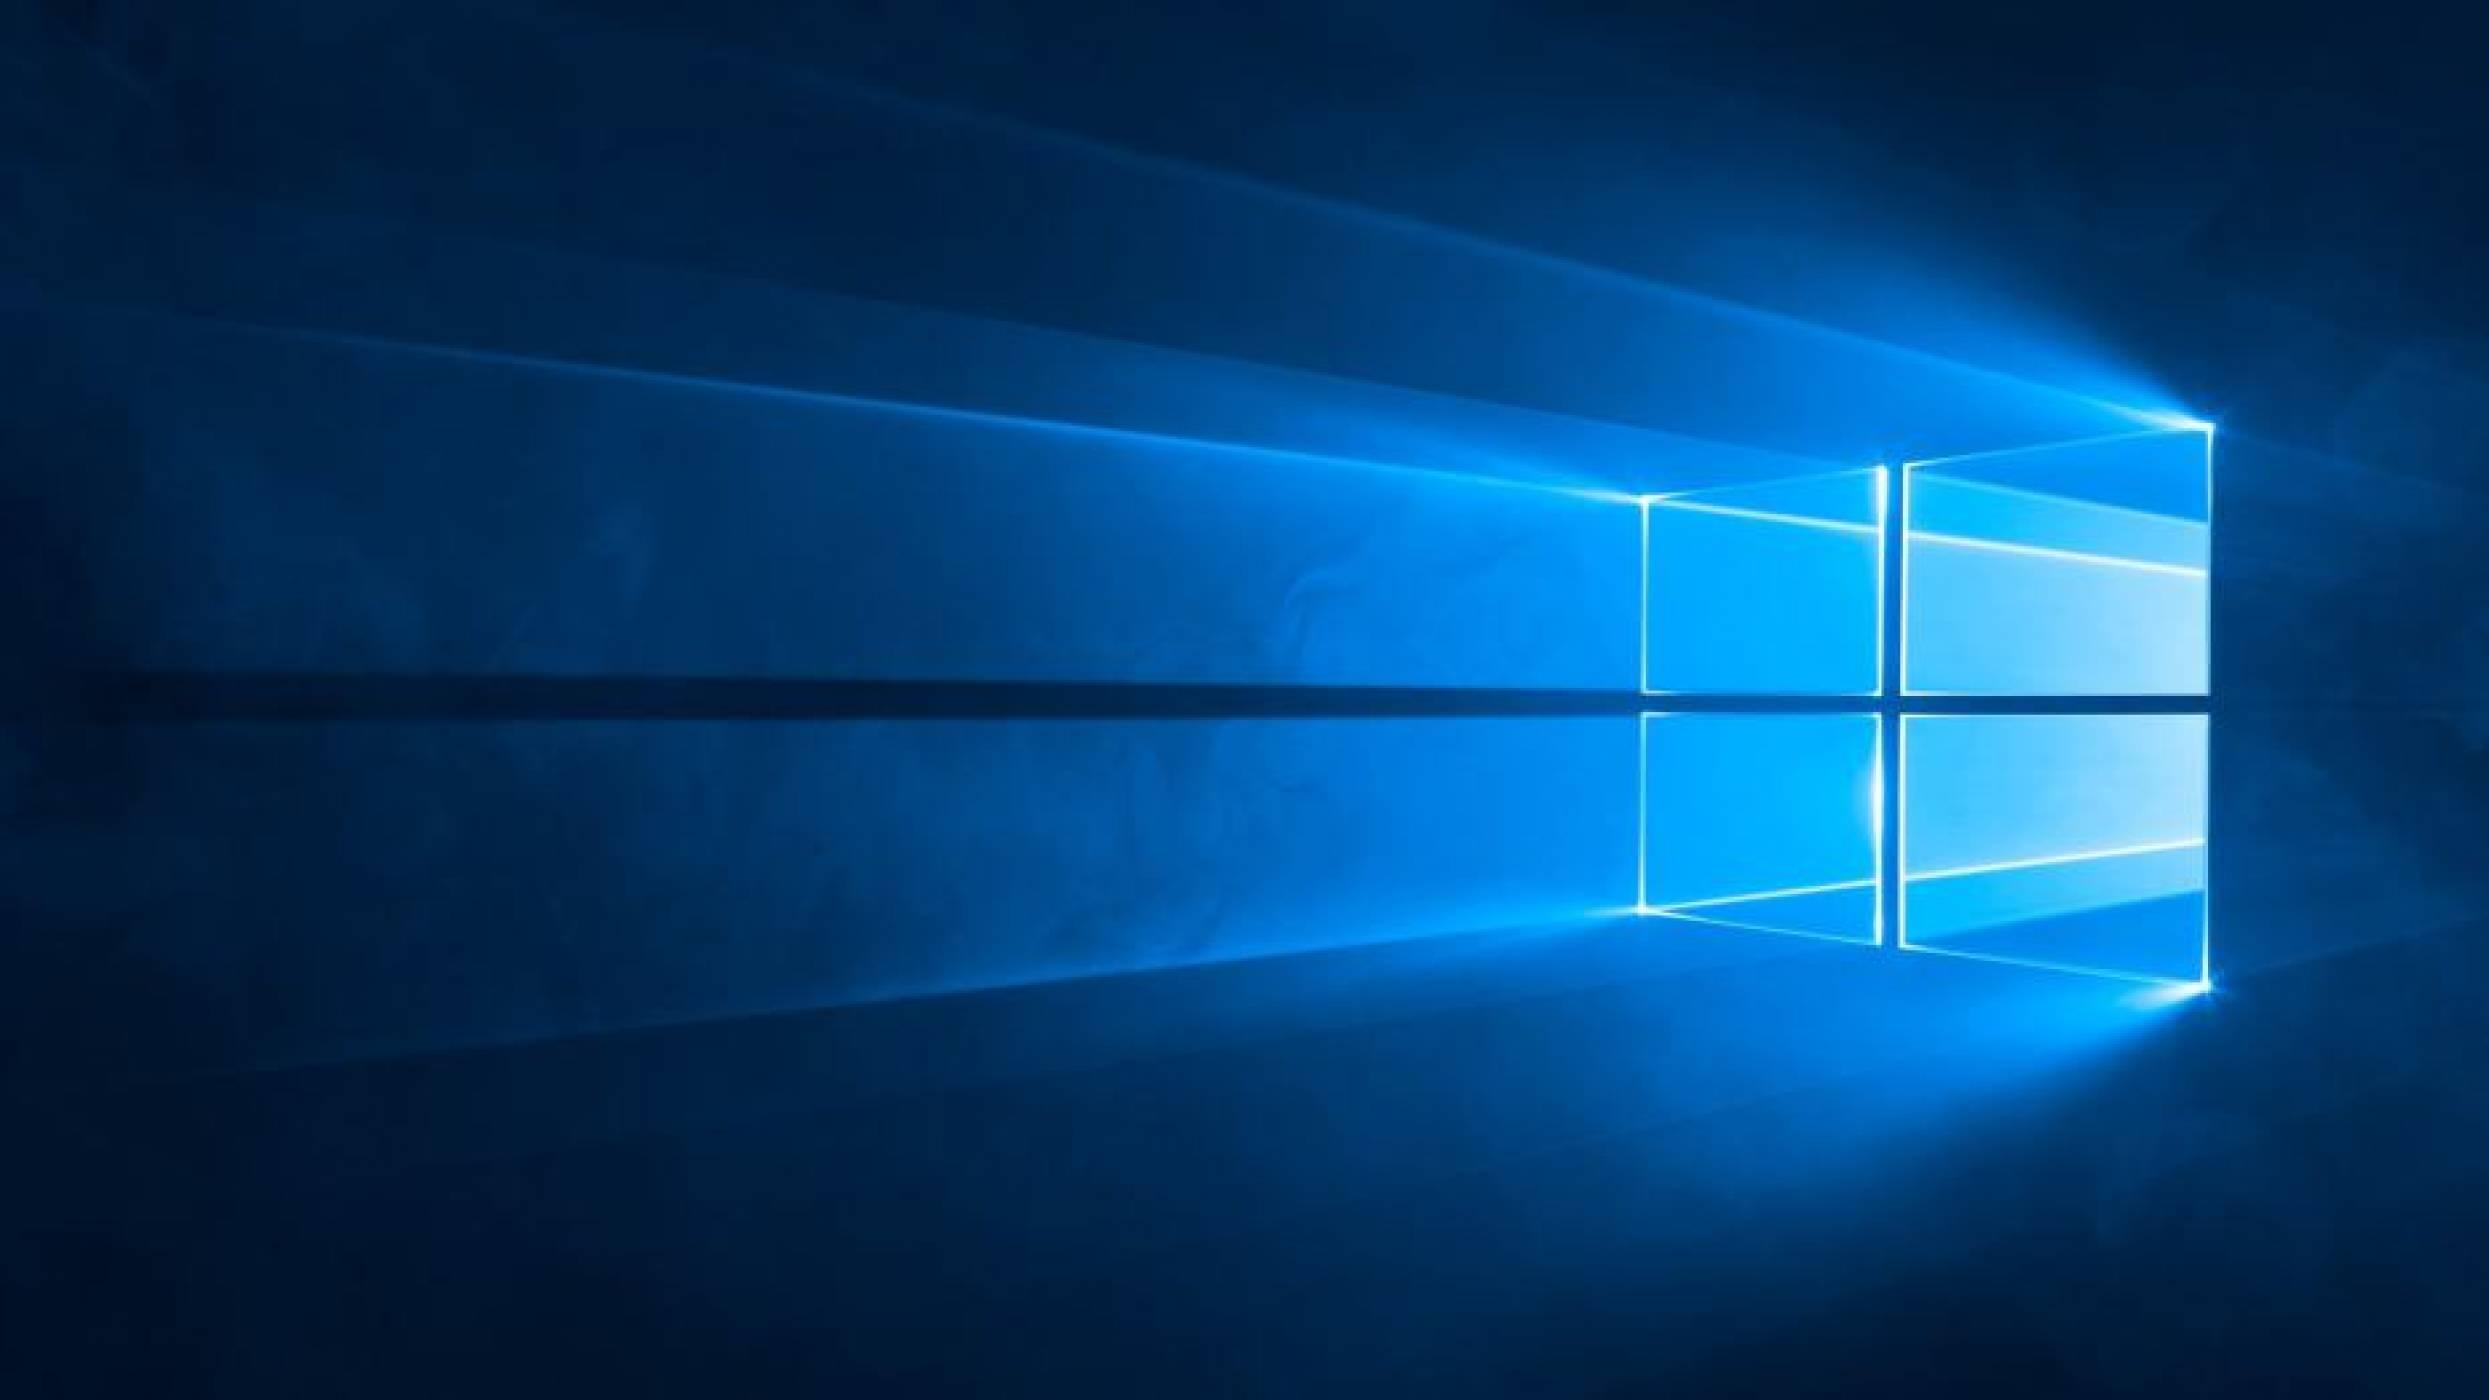 Windows 10 вече работи на 500 млн. активни устройства